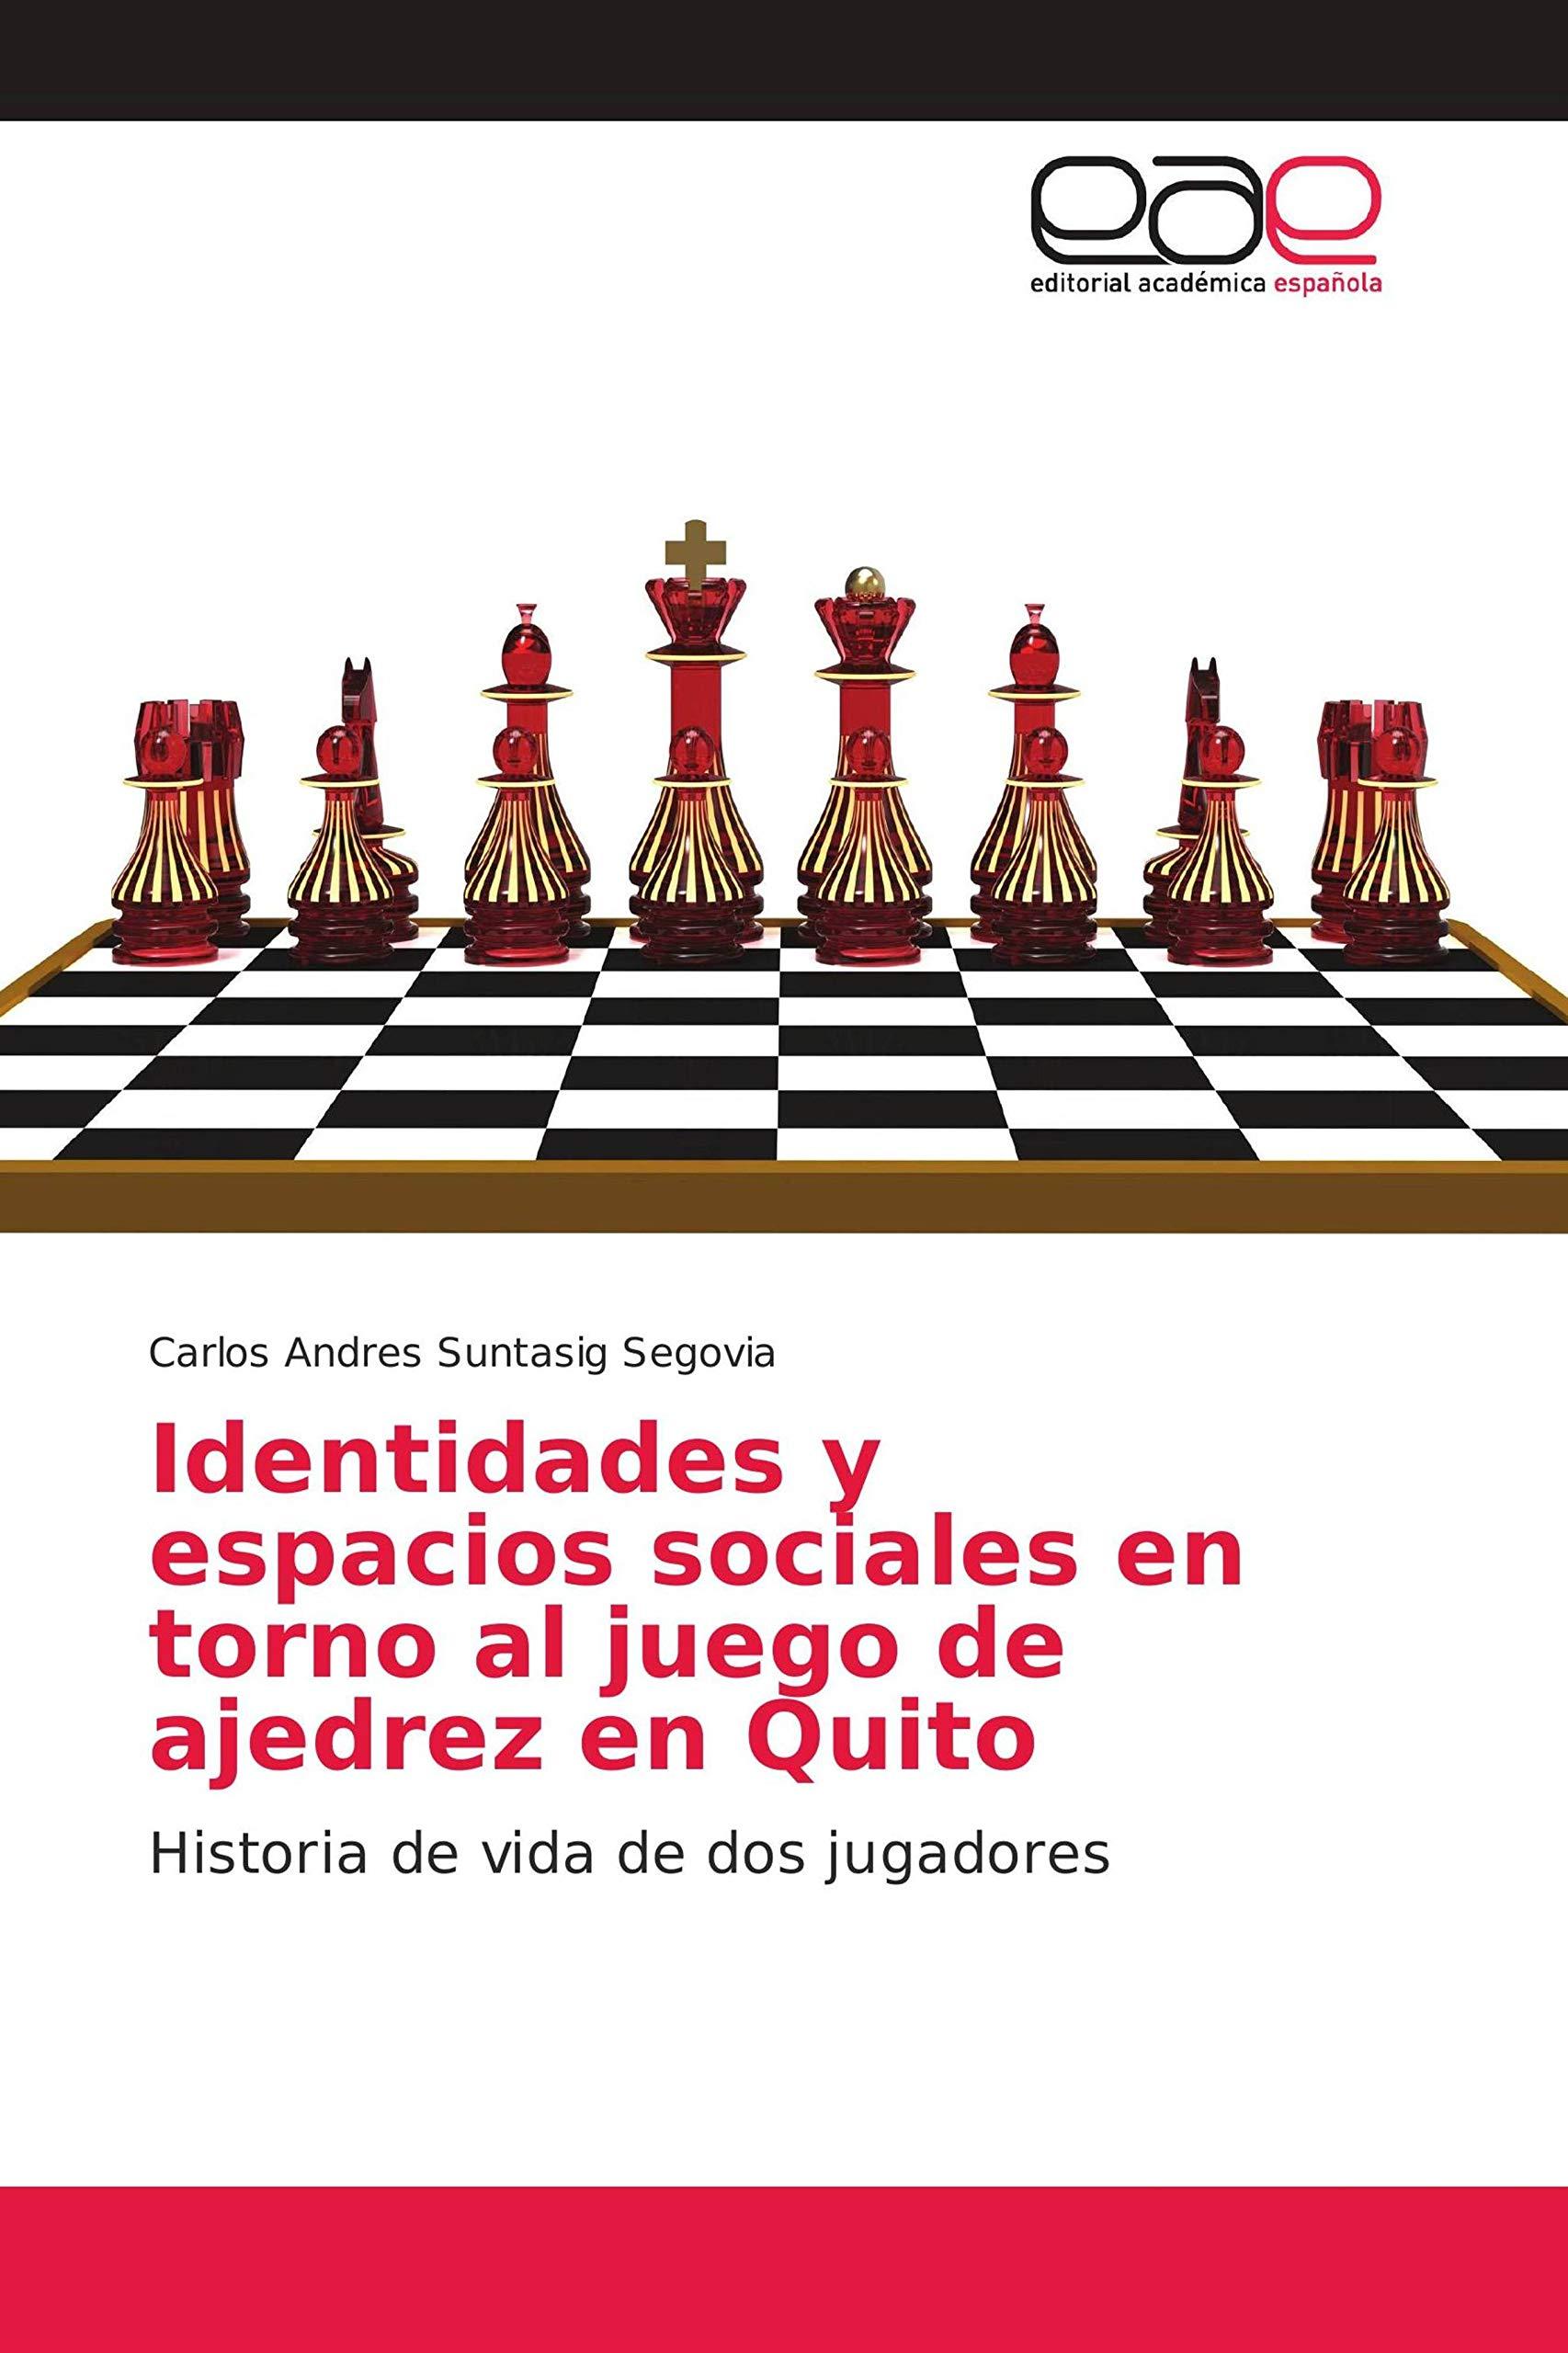 Identidades y espacios sociales en torno al juego de ajedrez en Quito: Historia de vida de dos jugadores: Amazon.es: Suntasig Segovia, Carlos Andres: Libros